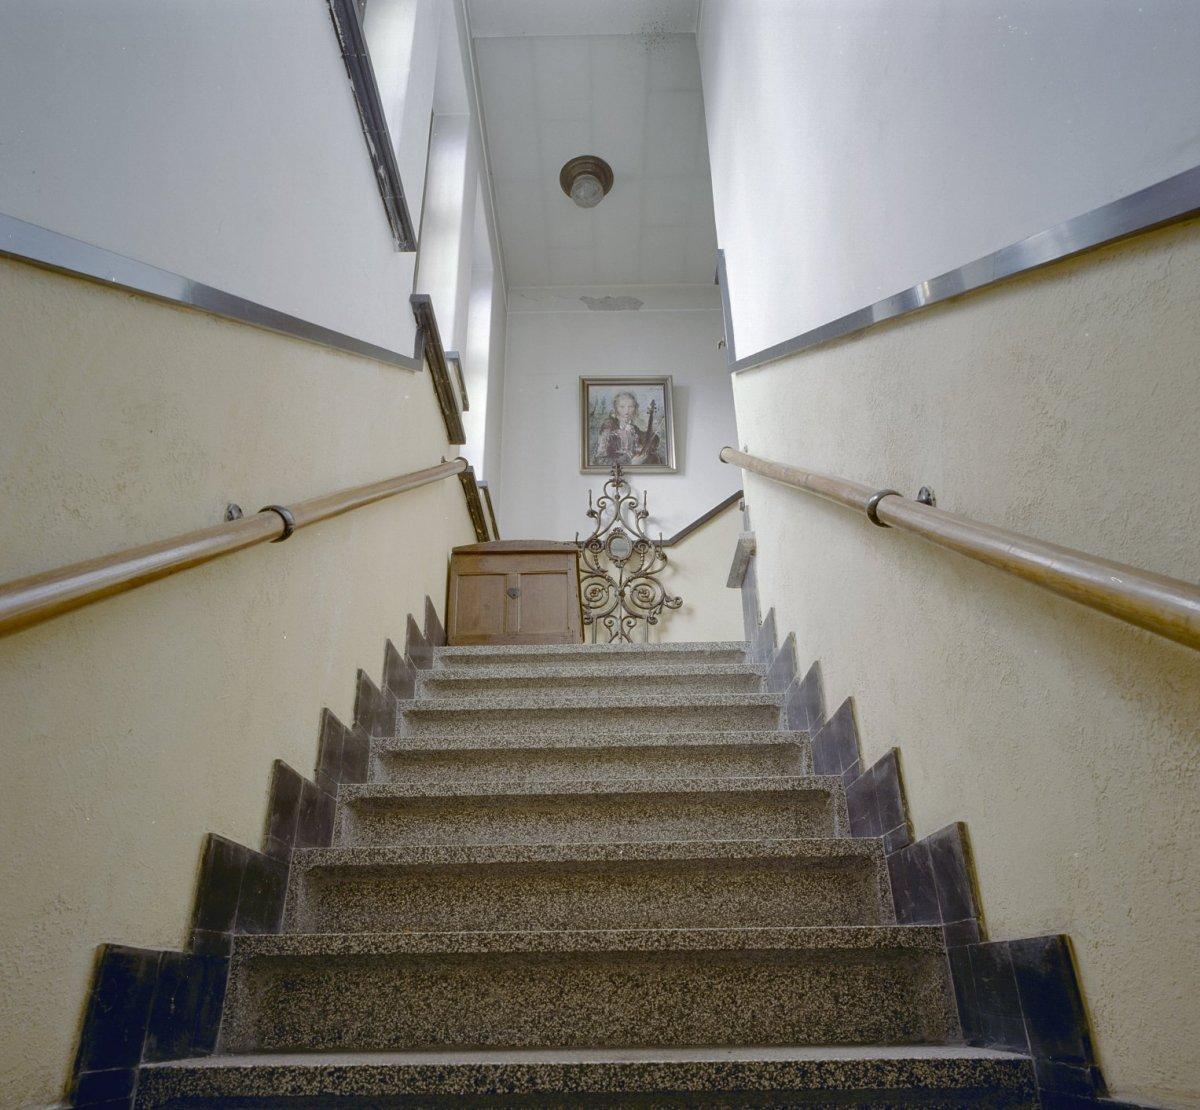 File interieur trappenhuis en trap met terrazzowerk van beneden naar boven bezien dongen - Model interieur trap ...